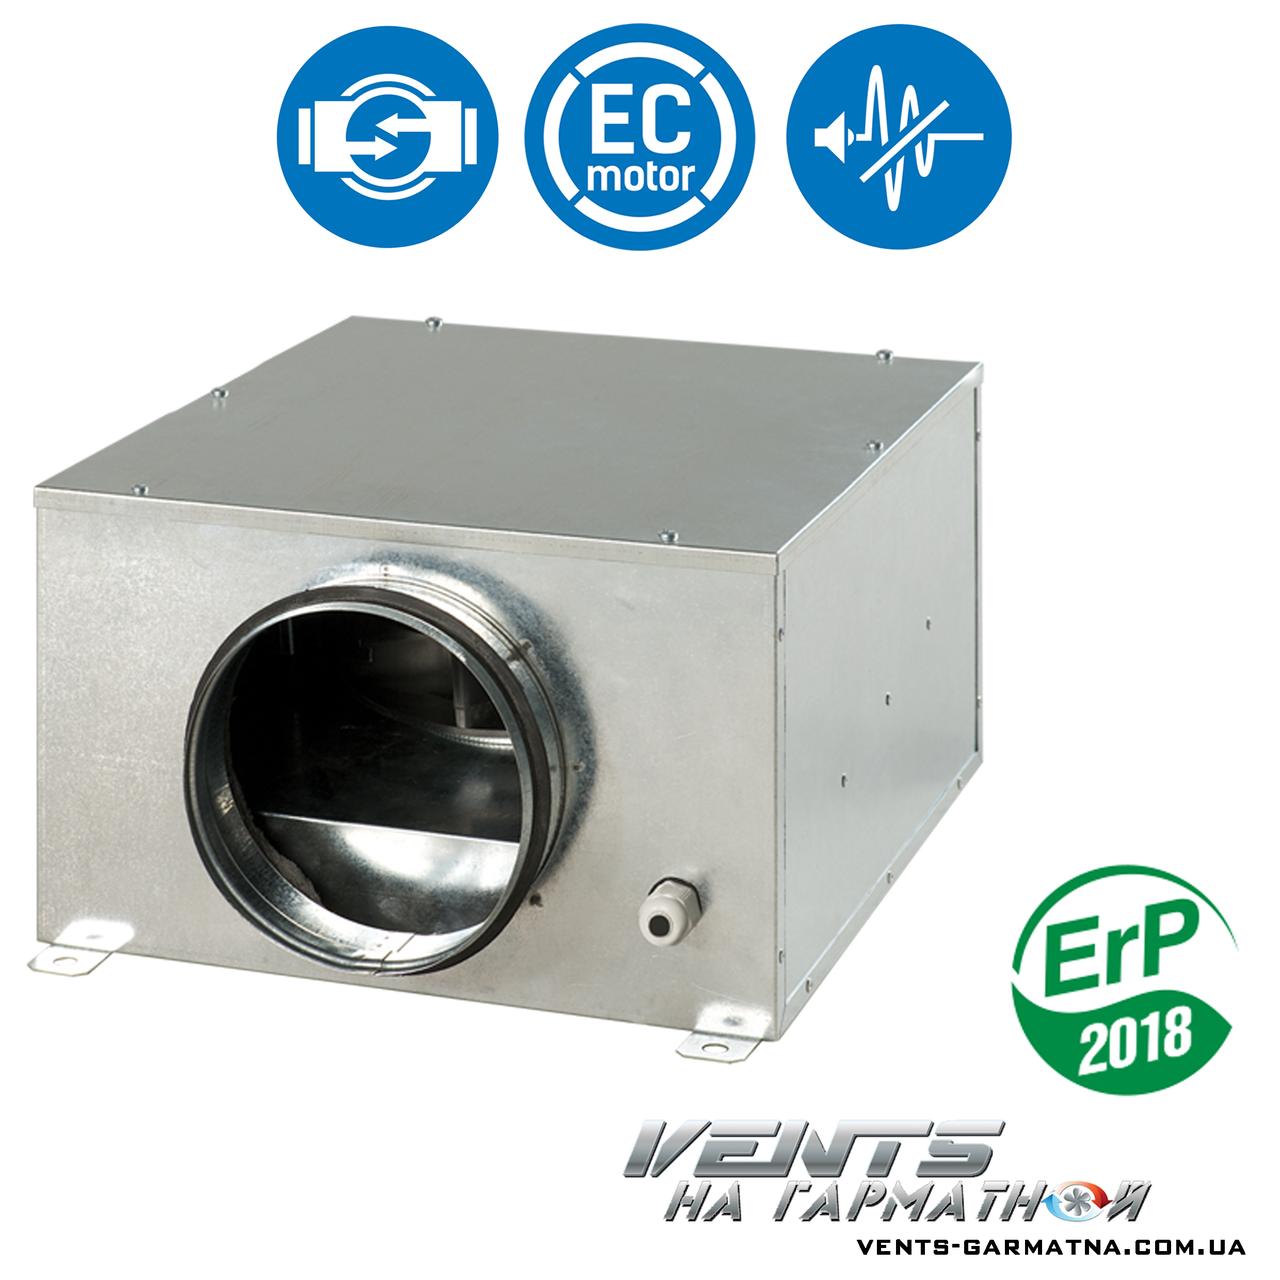 Вентс КСБ 315 ЕС. Шумоизолированный вентилятор с ЕС-мотором